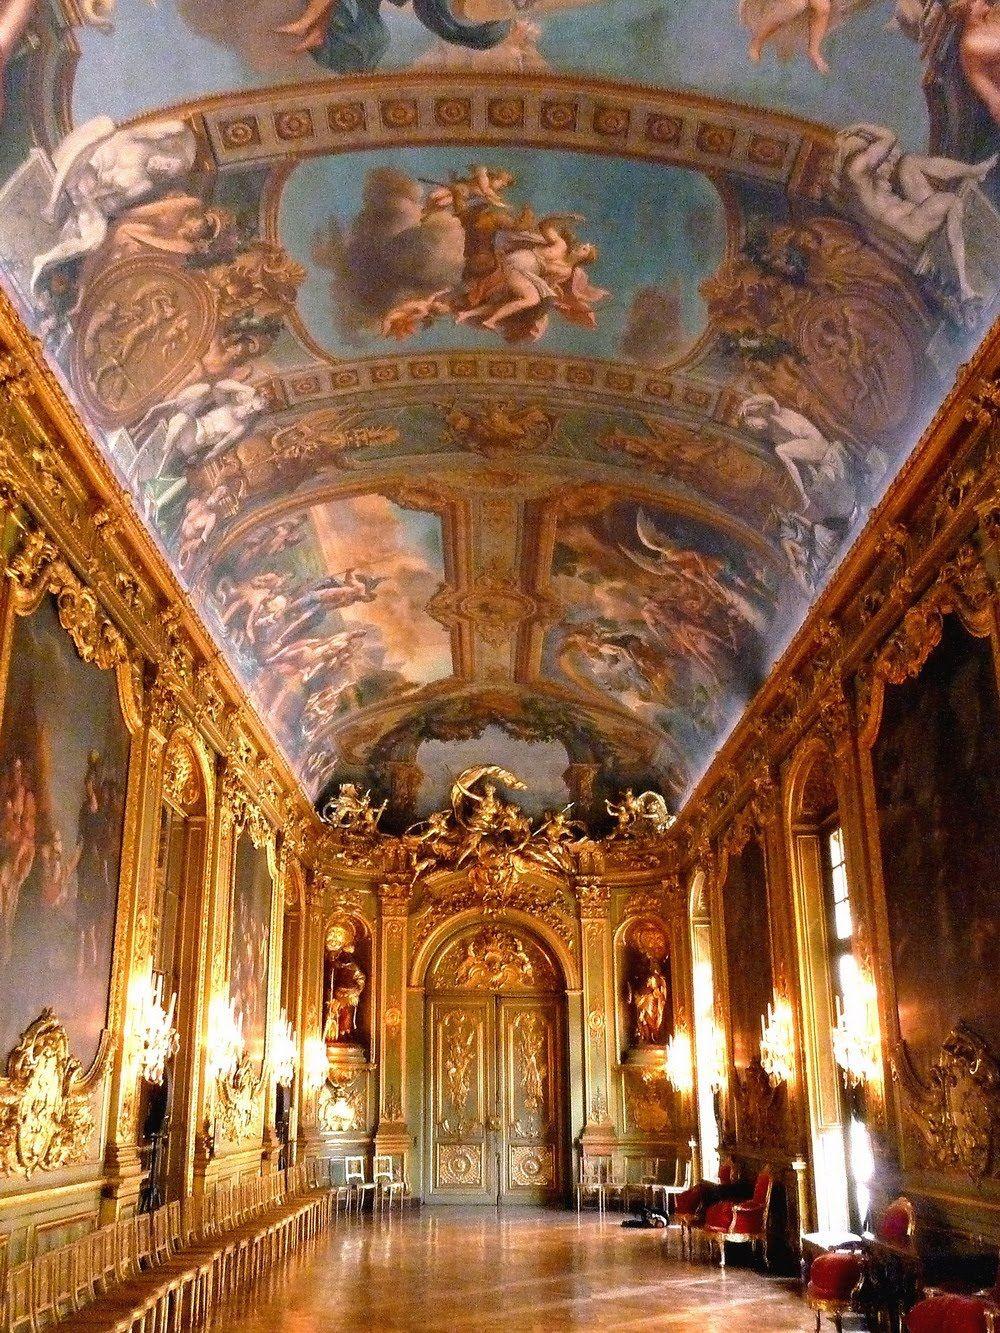 Hôtel De Toulouse La Banque France Via The Essence Of